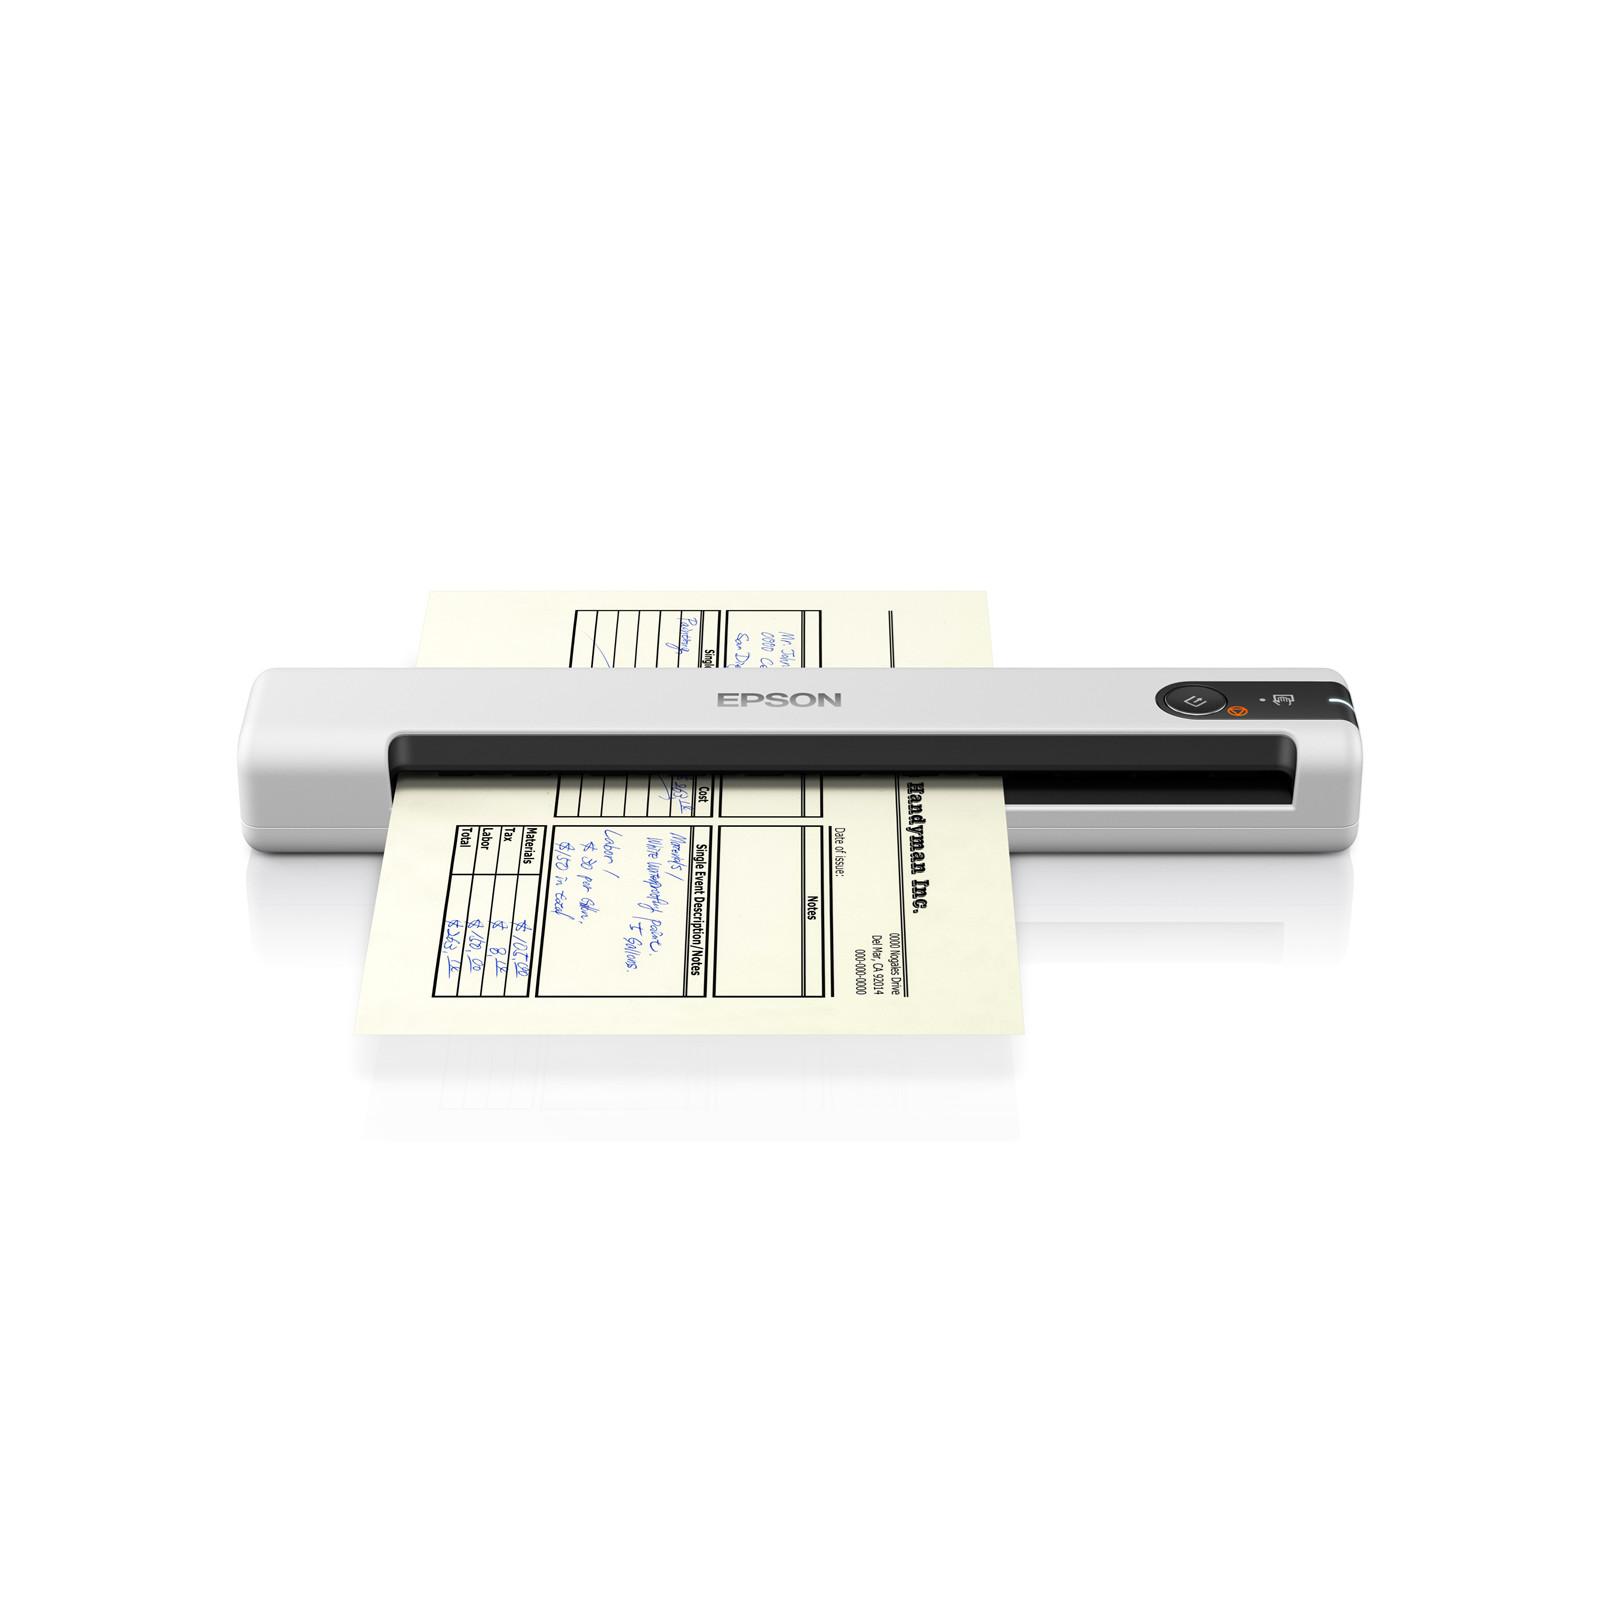 Epson WorkForce ES-70W scanner